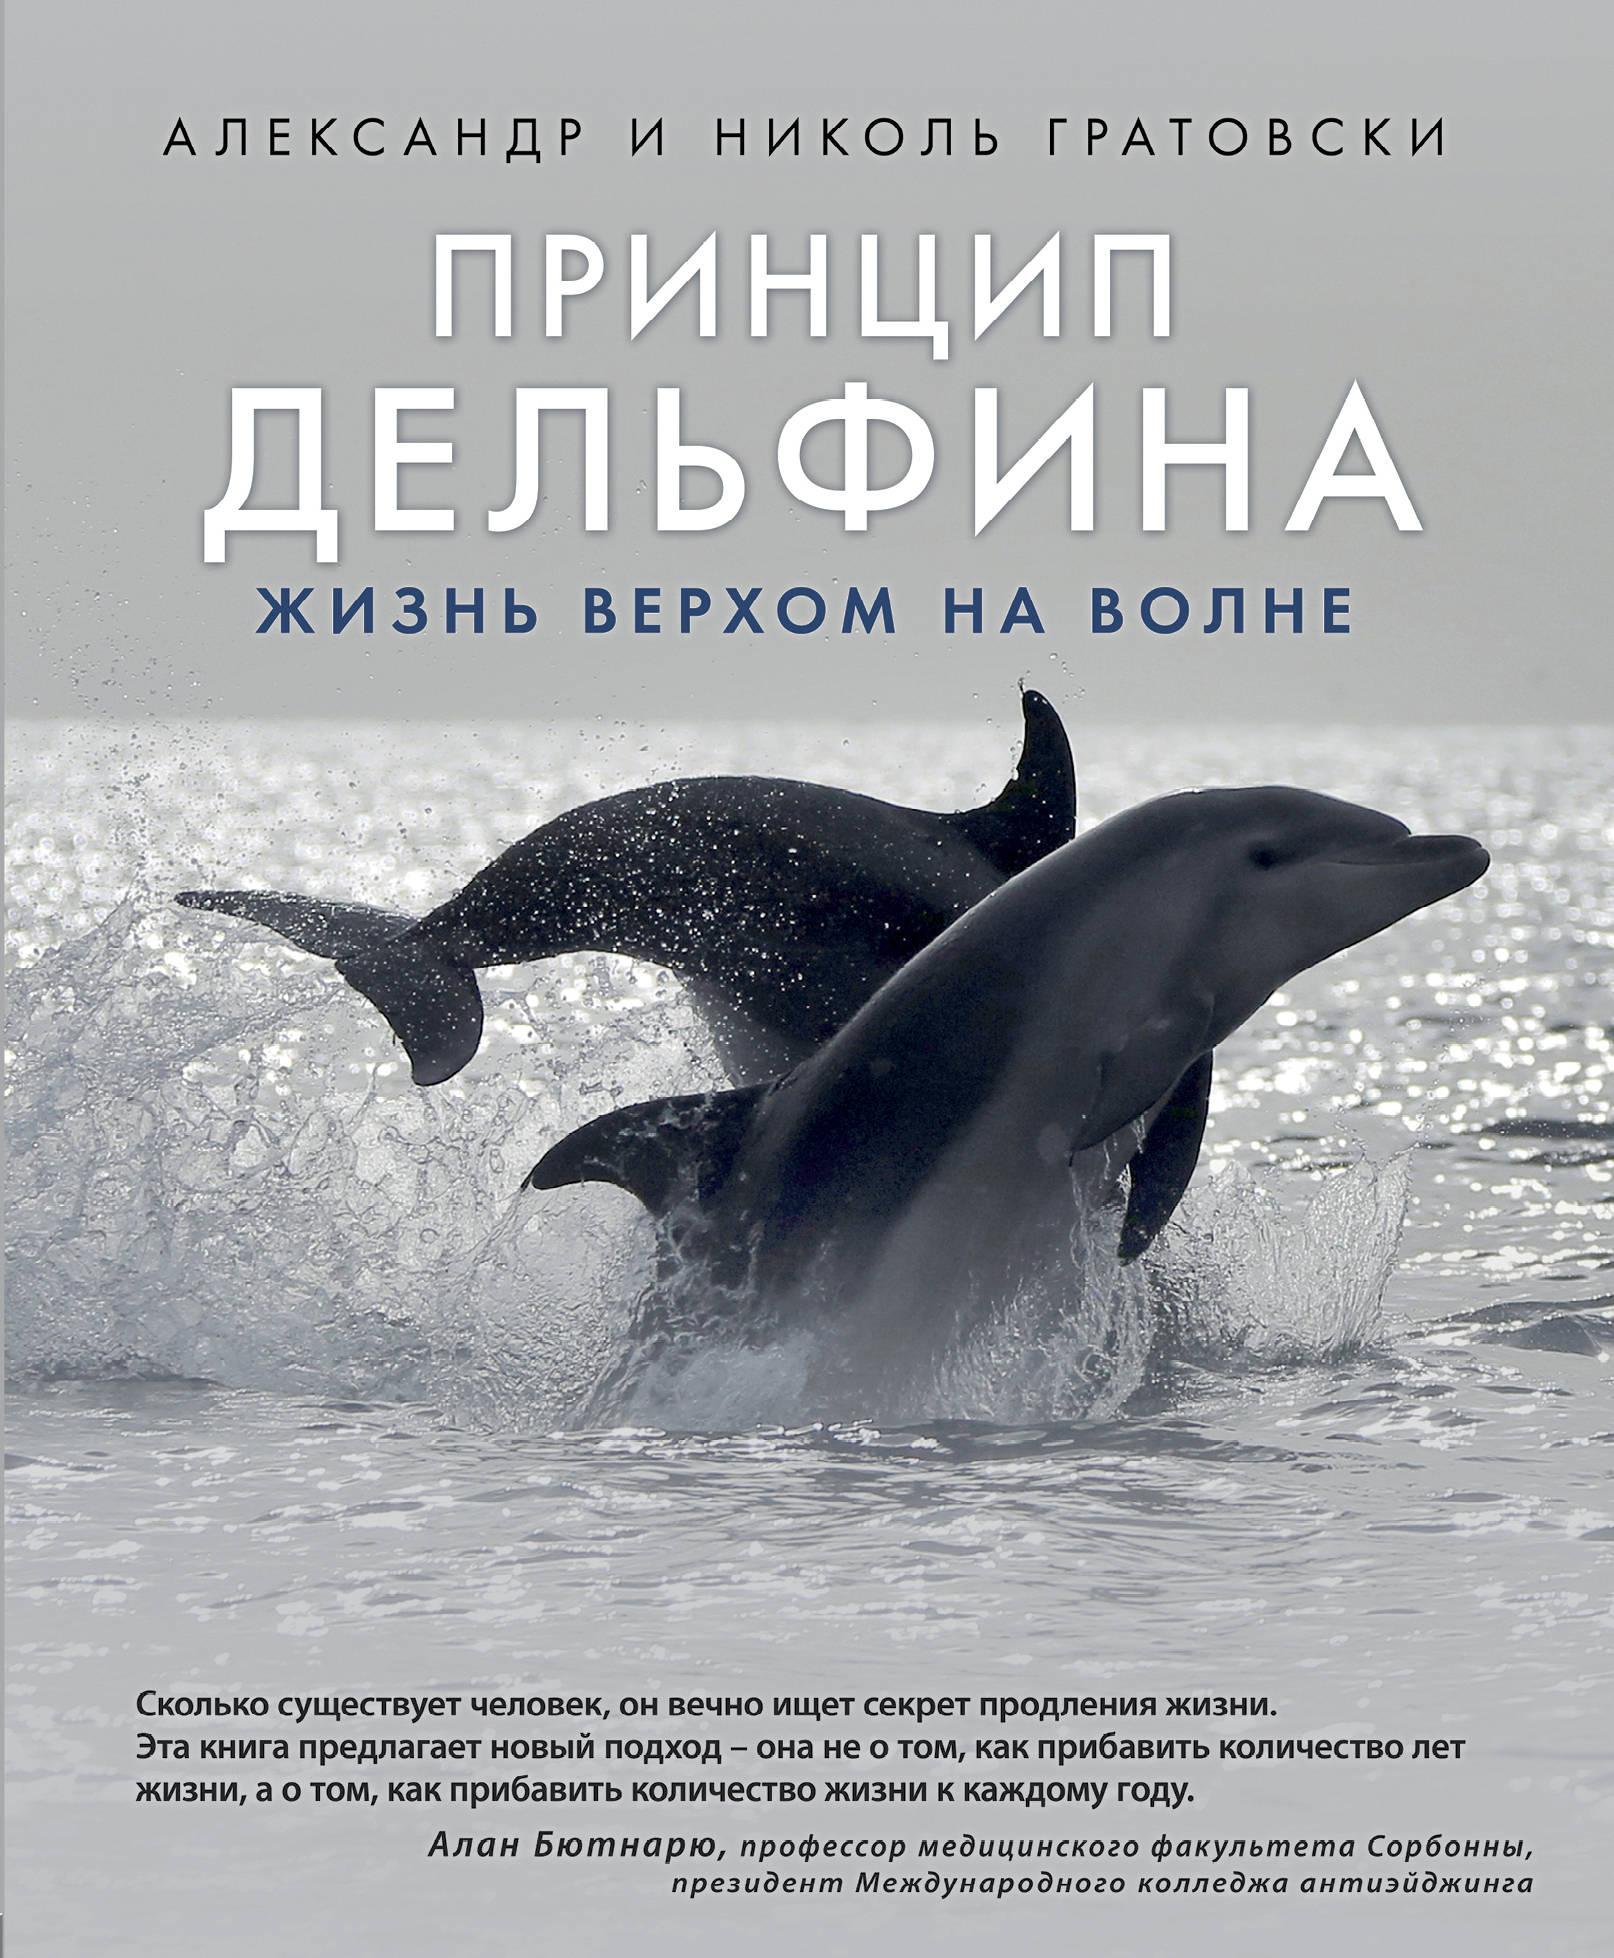 Александр и Николь Гратовски Принцип дельфина. Жизнь верхом на волне